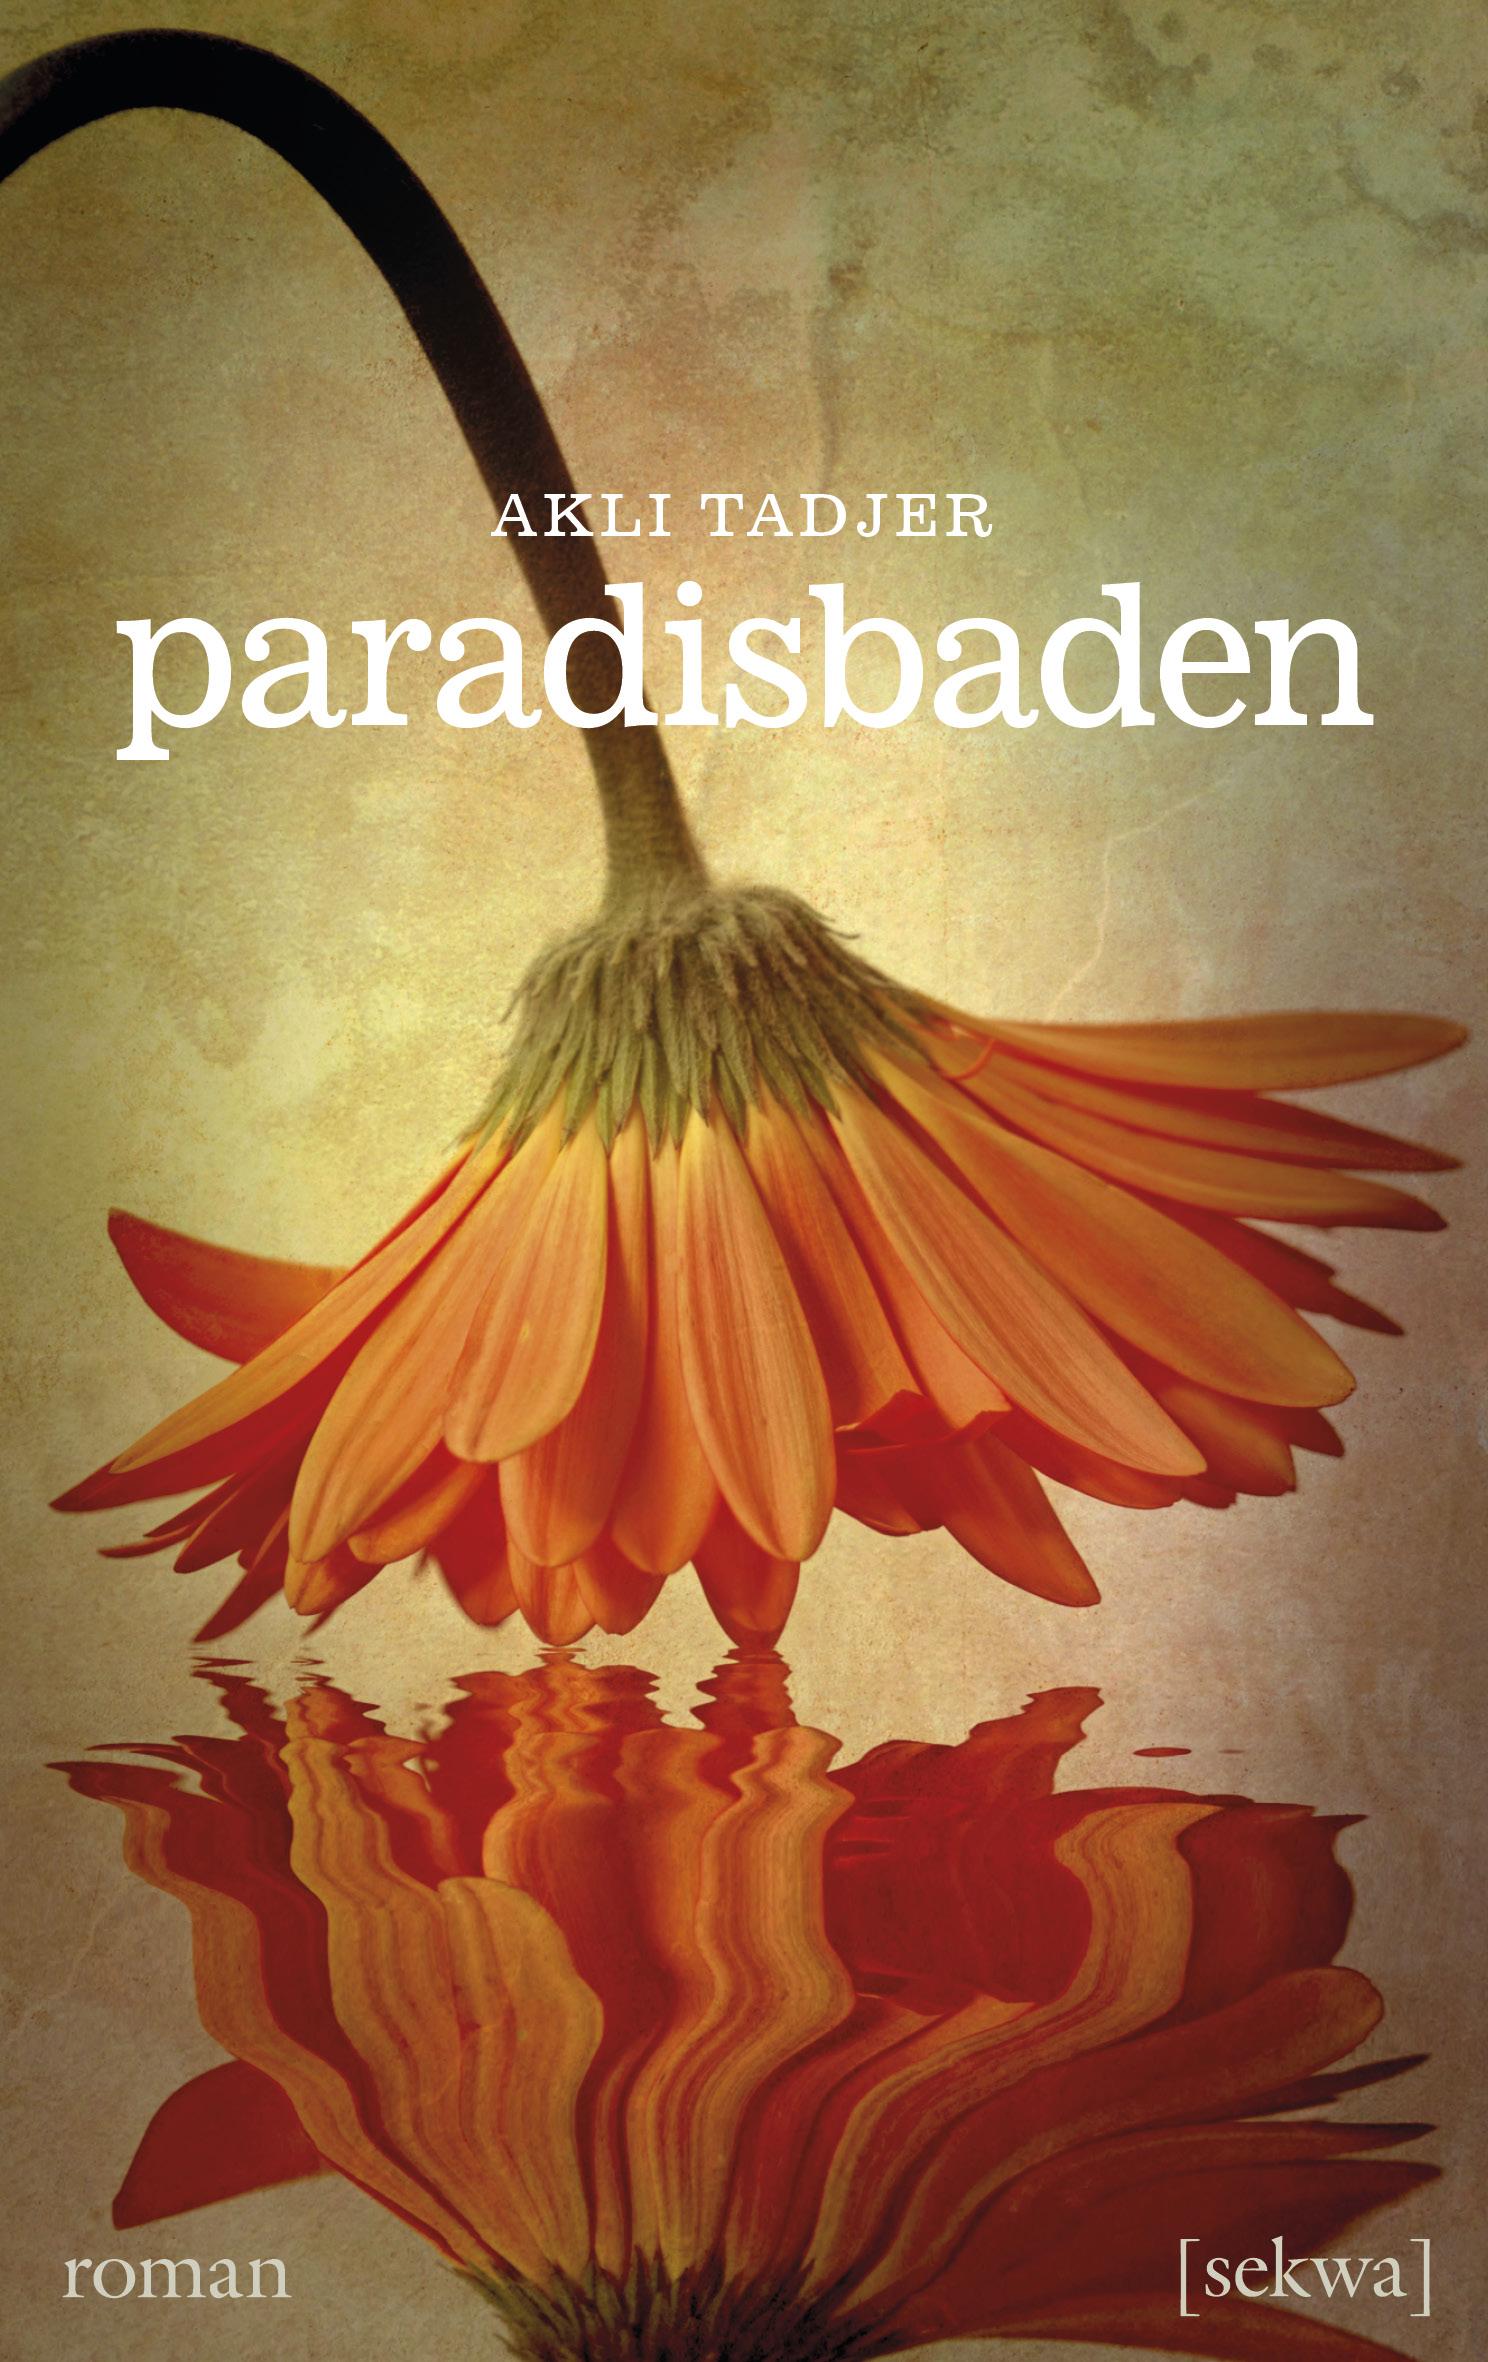 Akli Tadjer: Paradisbaden